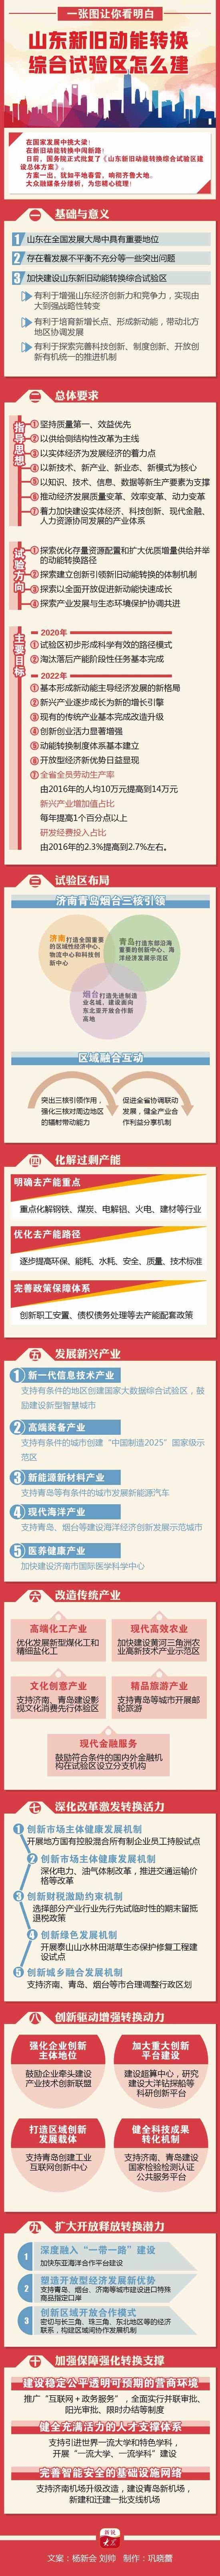 动能转换山东放大招 支持济南调整行政区划